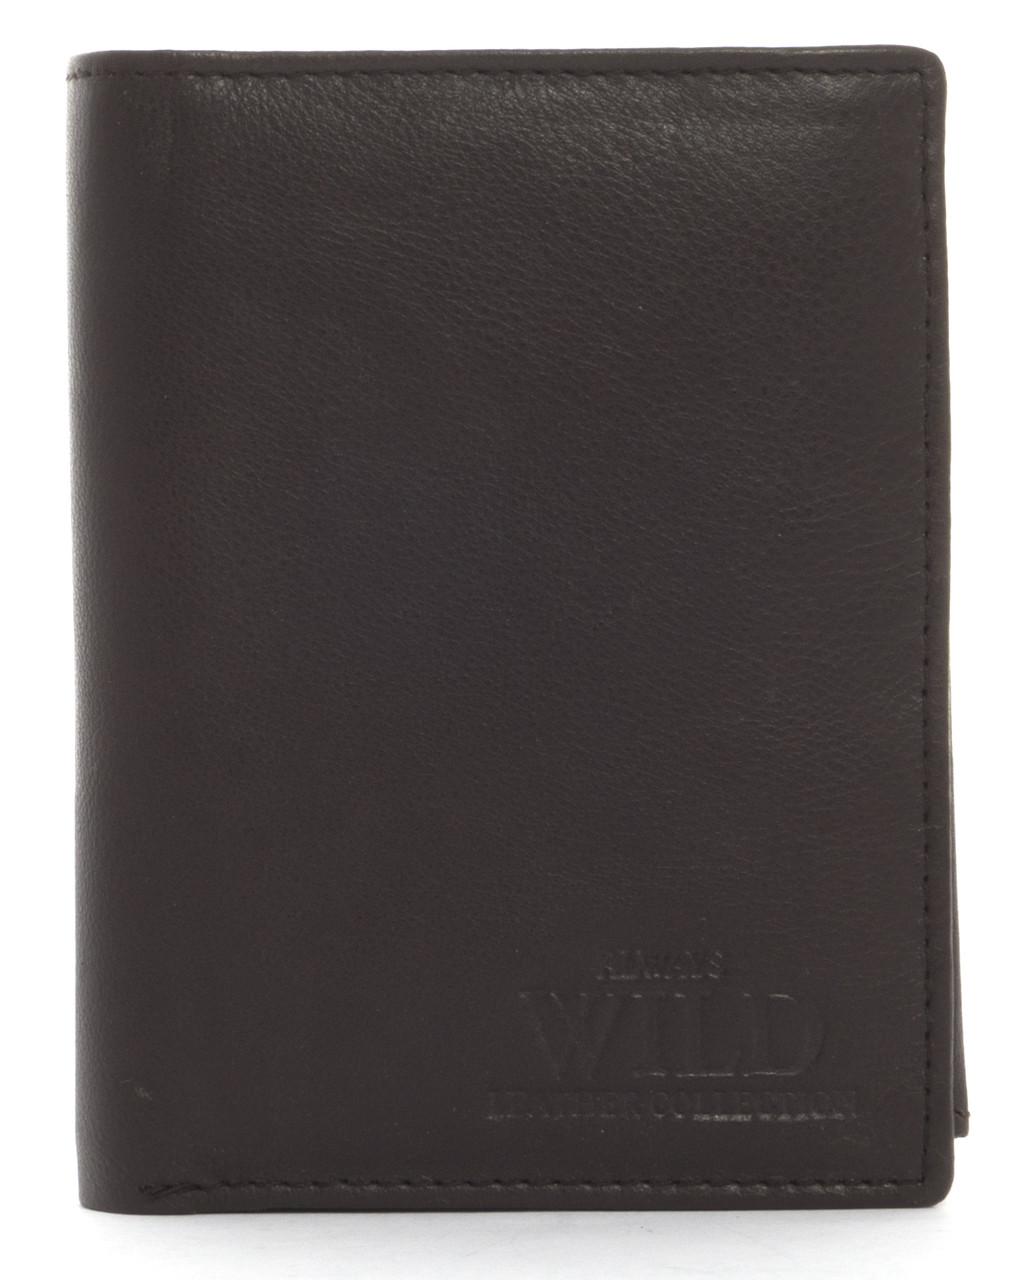 Кошелек мужской кожаный с большим количеством отделений ALWAYSWILD art. D1072-CCF коричневый